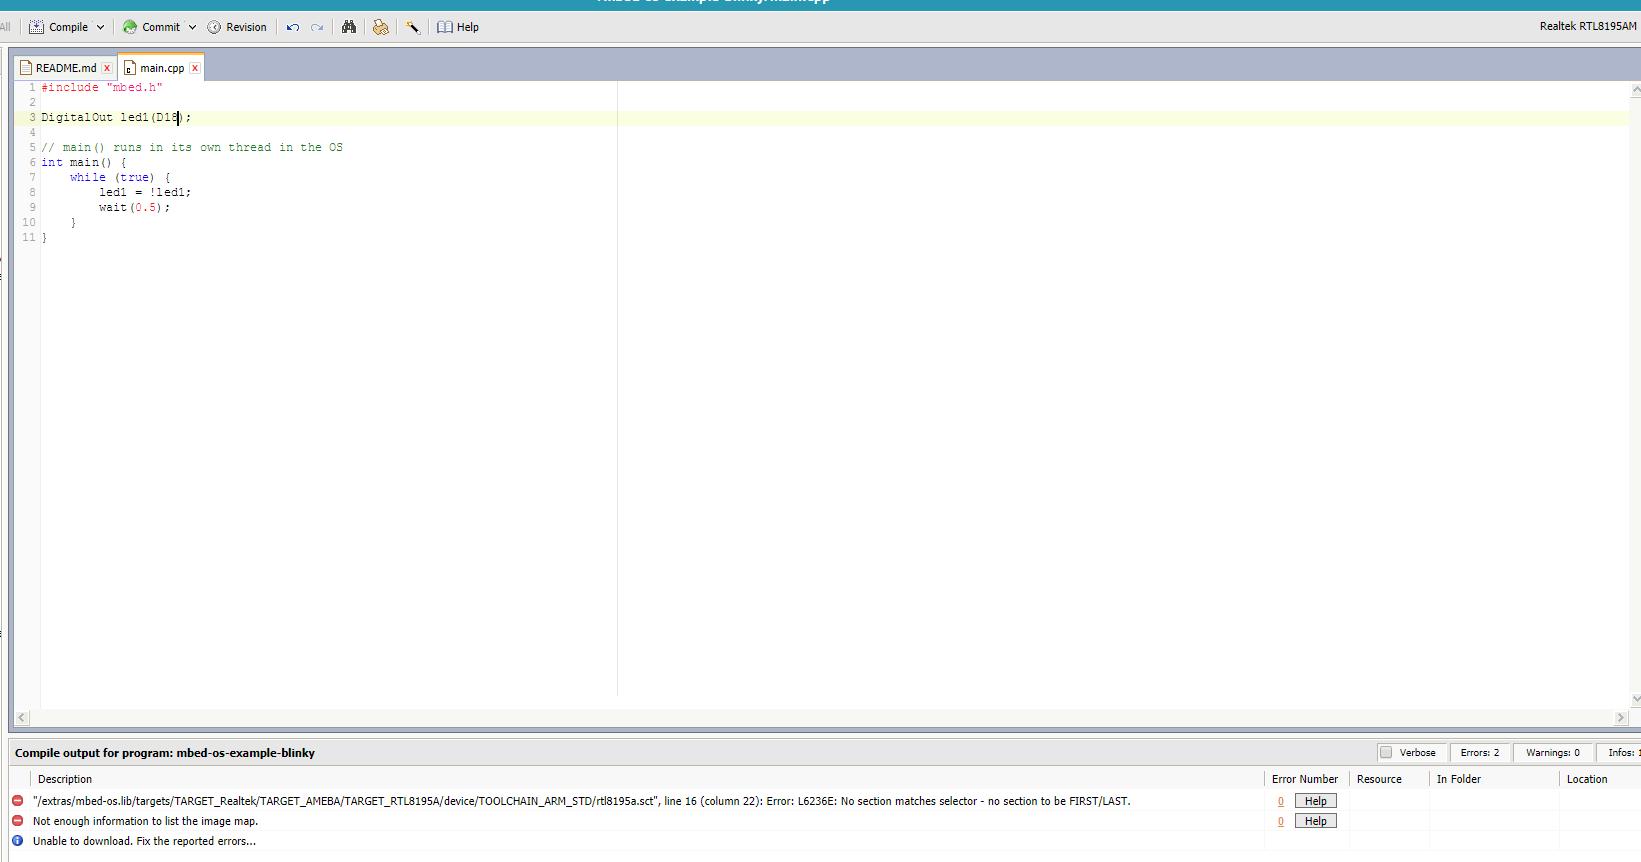 Online compiler error for the Realtek RTL8195AM board